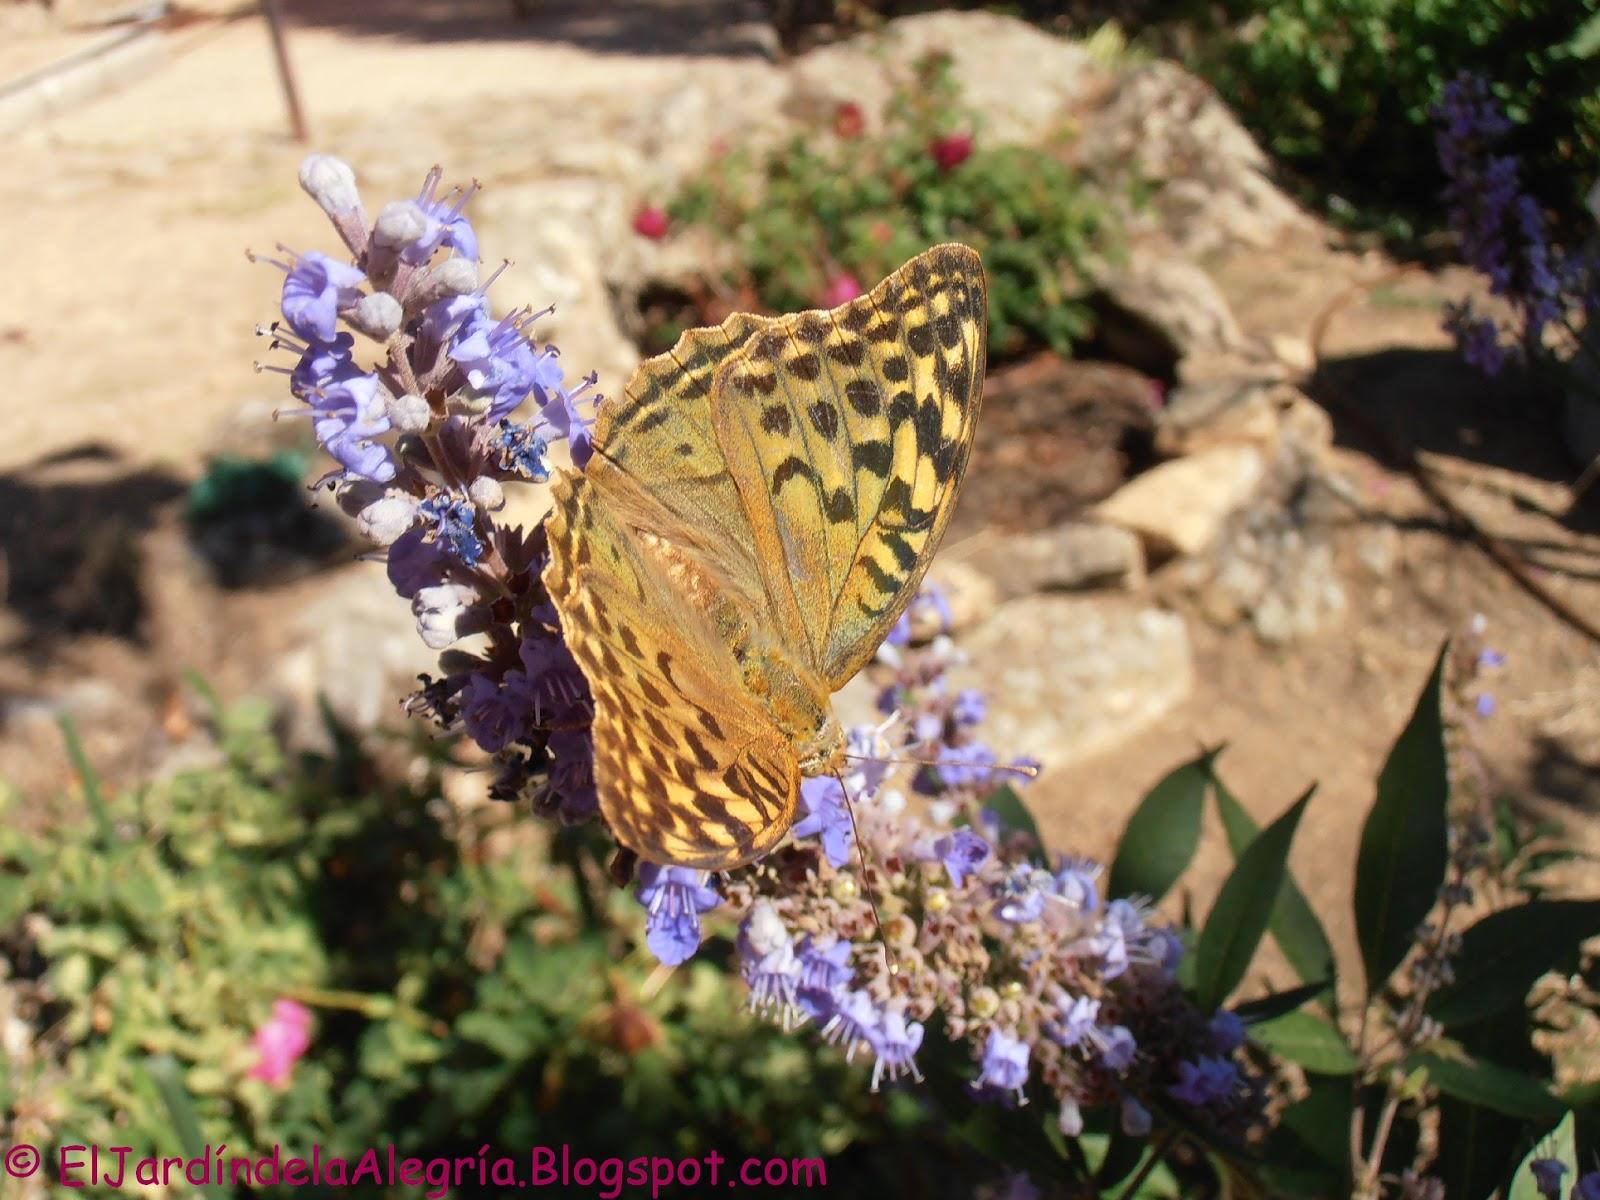 El jard n de la alegr a flores en septiembre for Cancion el jardin de la alegria